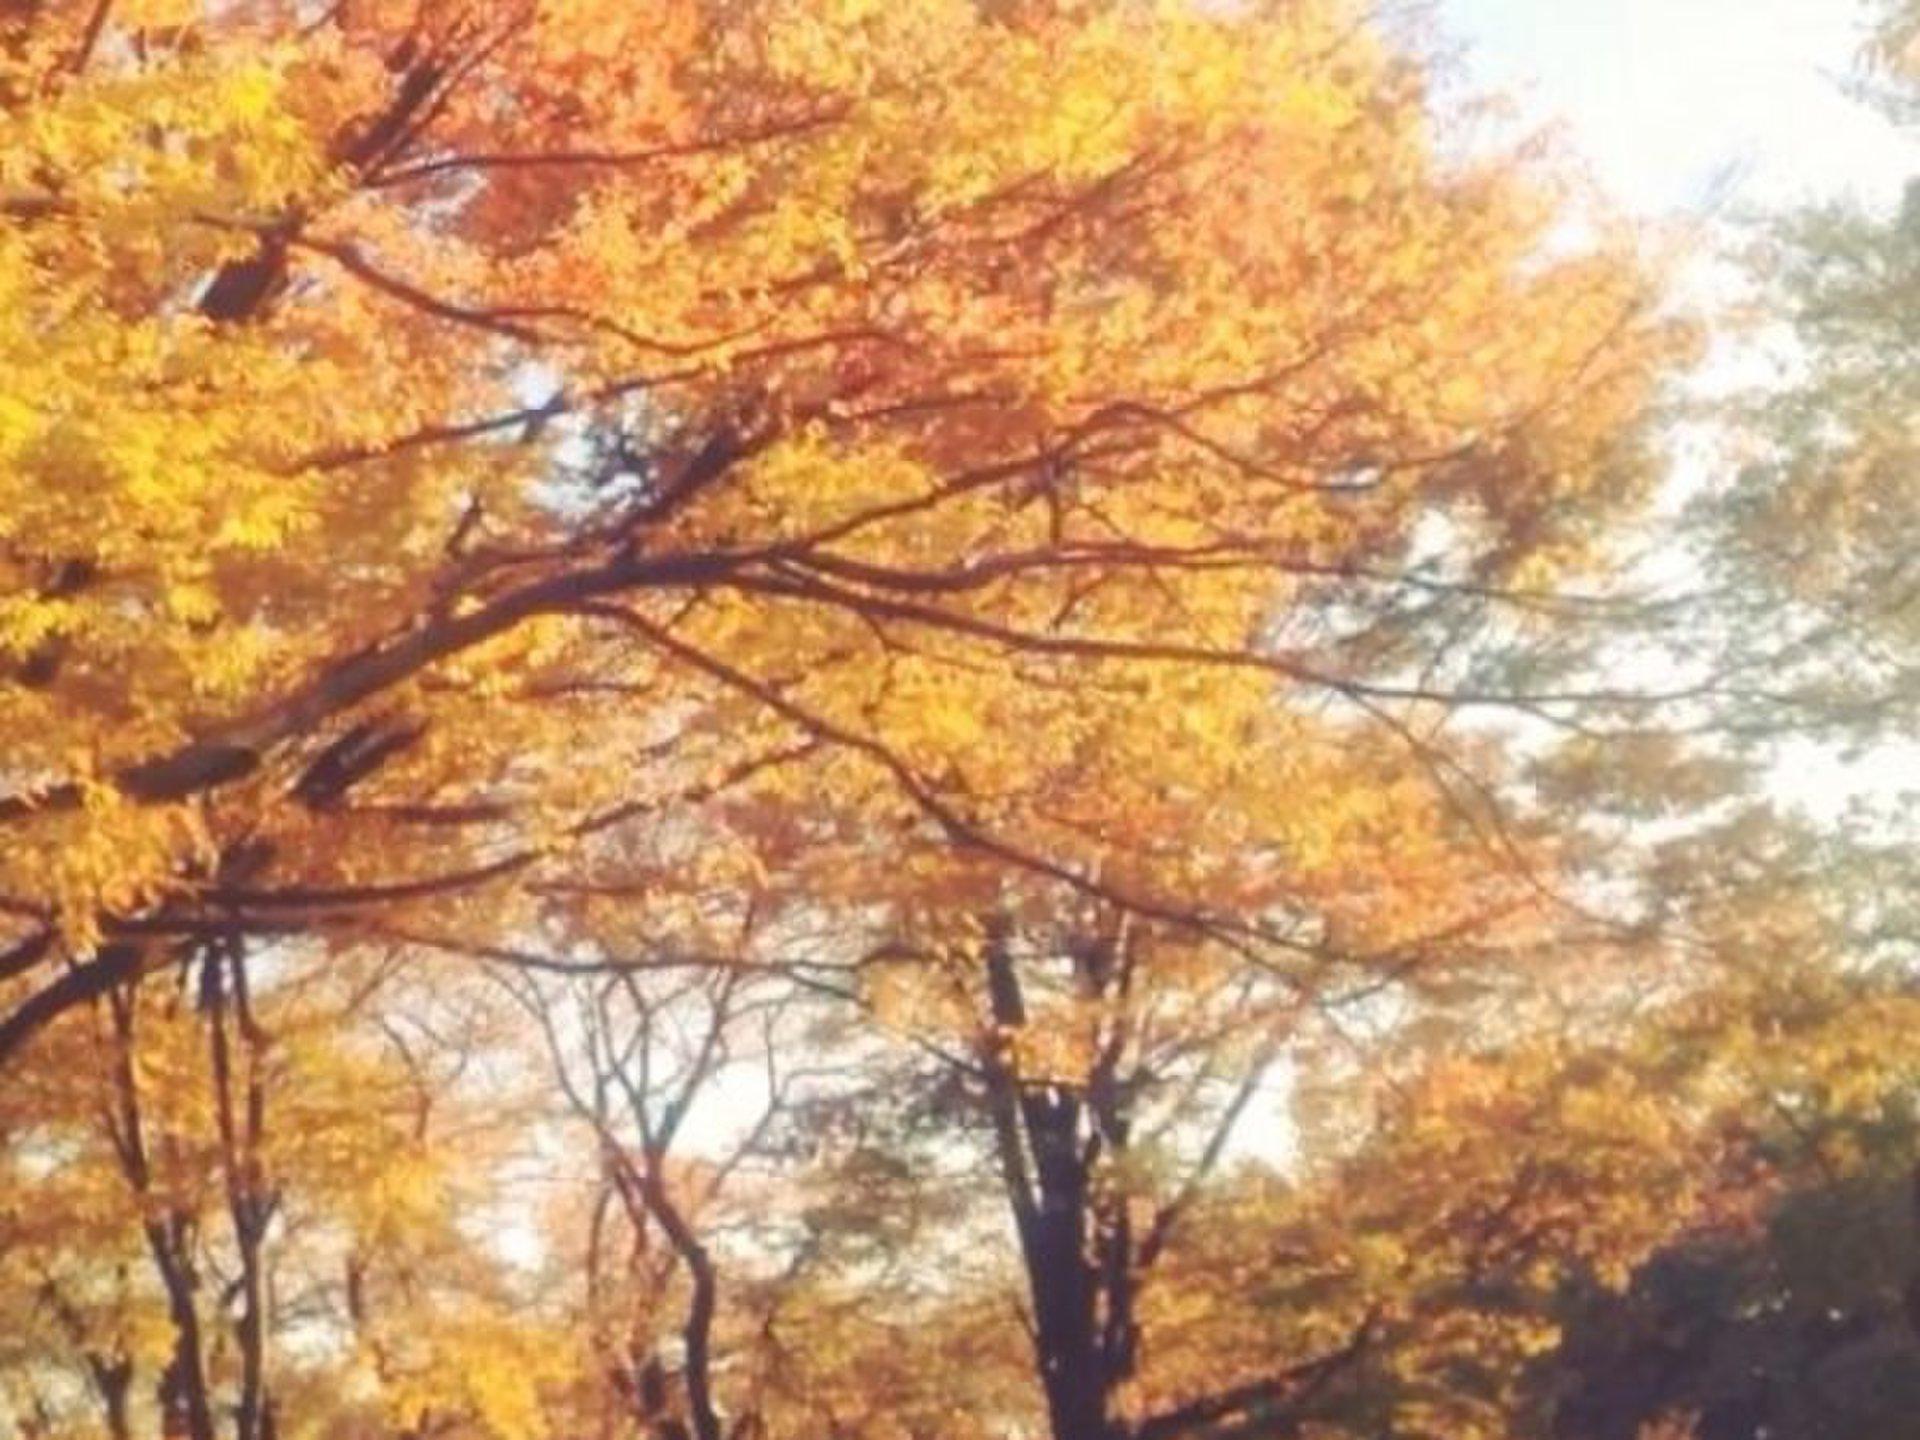 【秋の紅葉デートにおすすめ吉祥寺・井の頭公園】おすすめランチスポットにデートコース